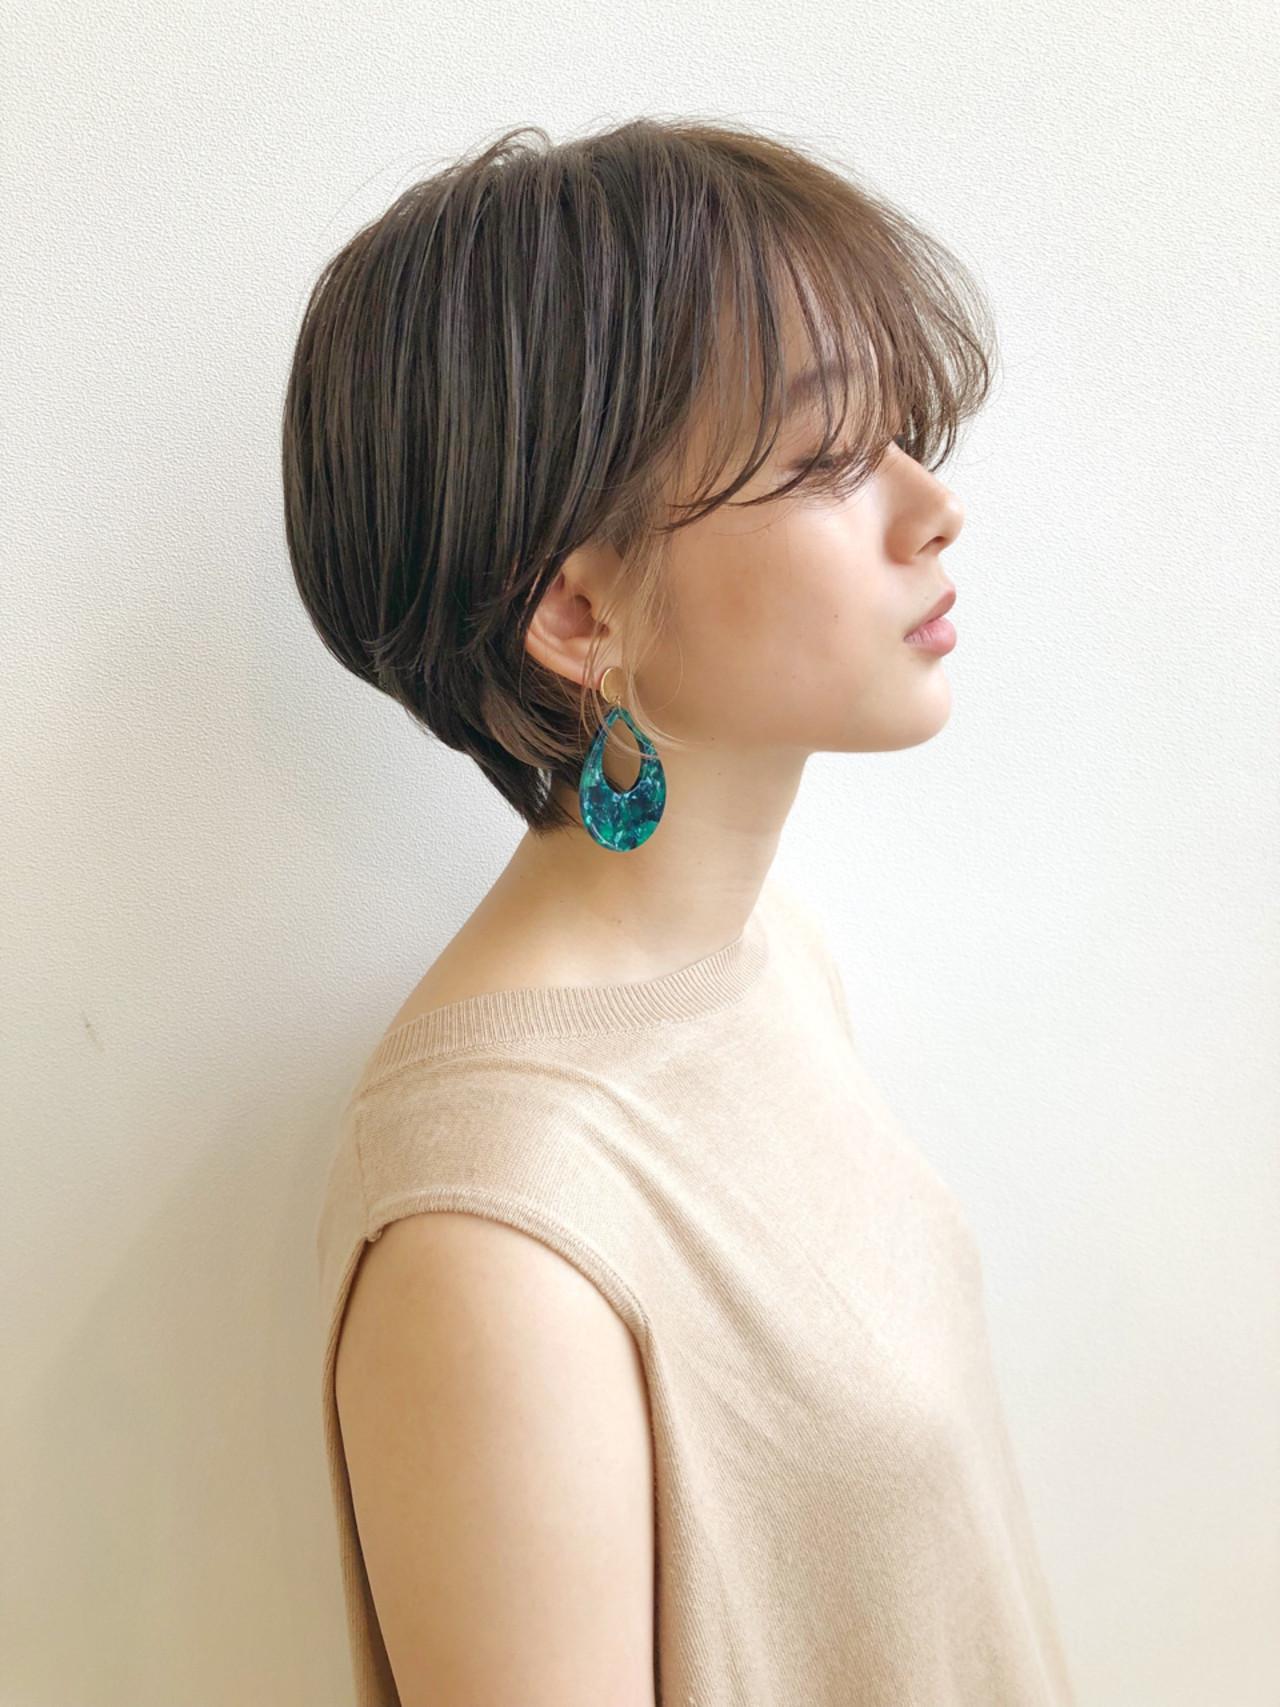 話題のモテヘア。薄め前髪【シースルーバング】に恋する予感…♡の10枚目の画像